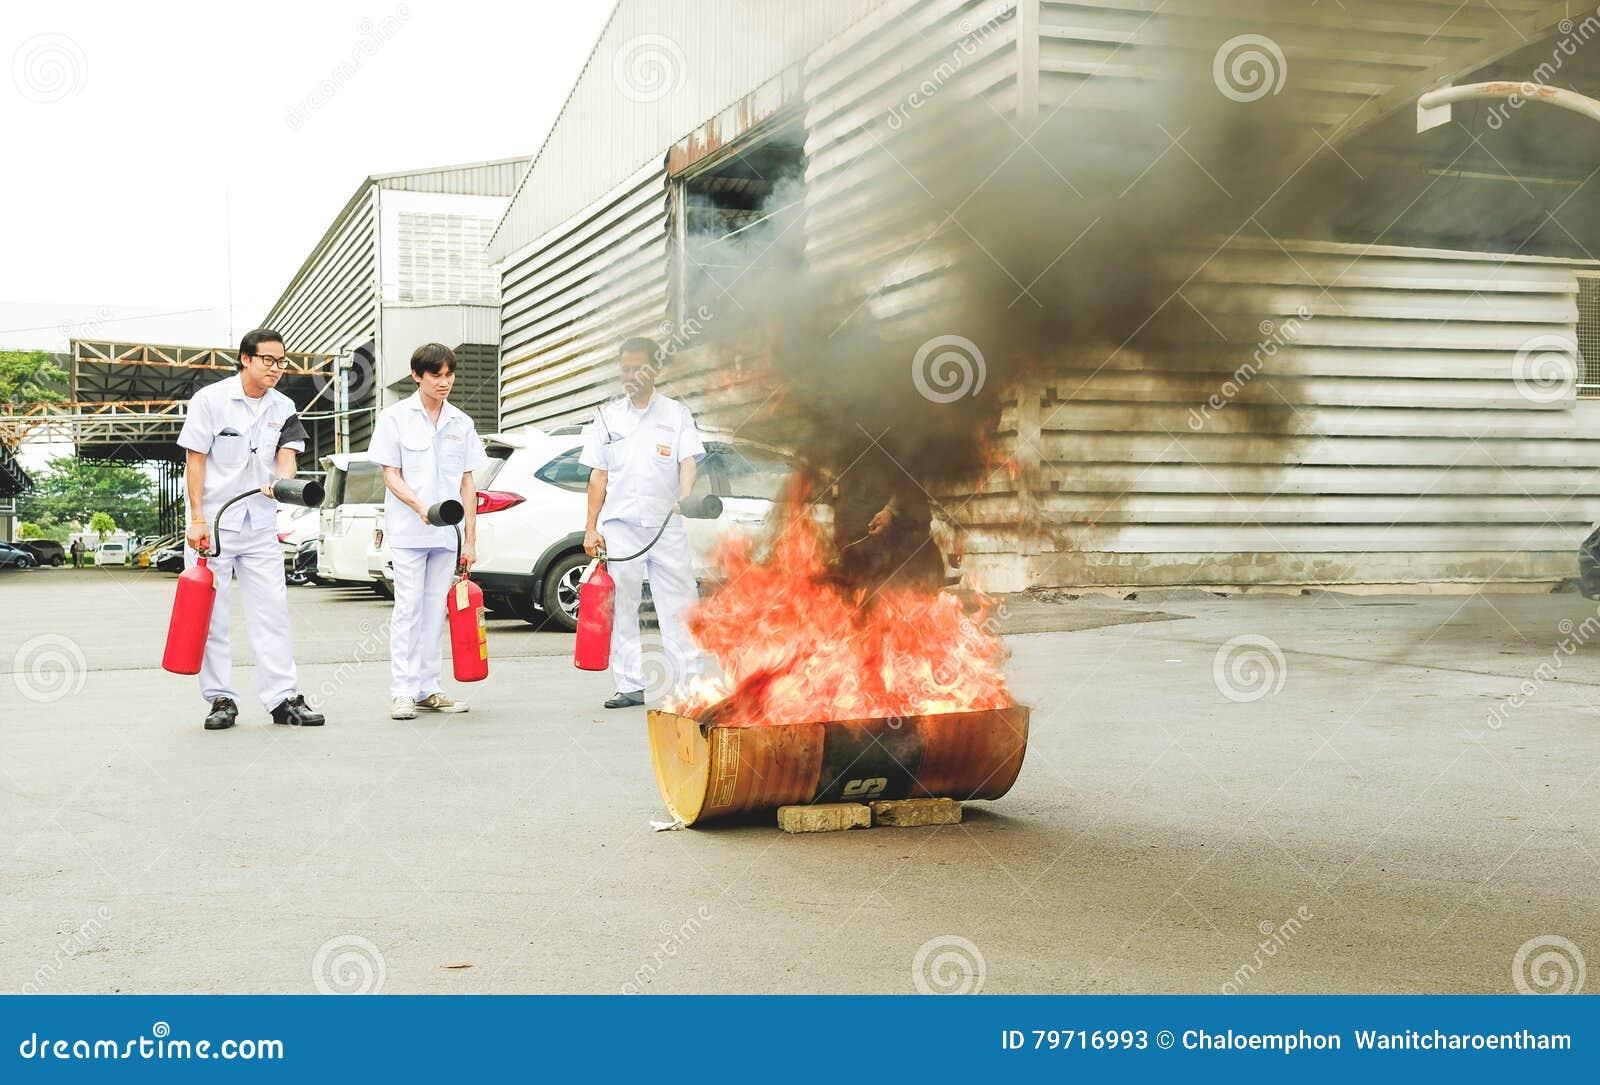 Βασική κατάρτιση τρυπανιών πυρκαγιάς προσβολής του πυρός και εκκένωσης σε Octobe